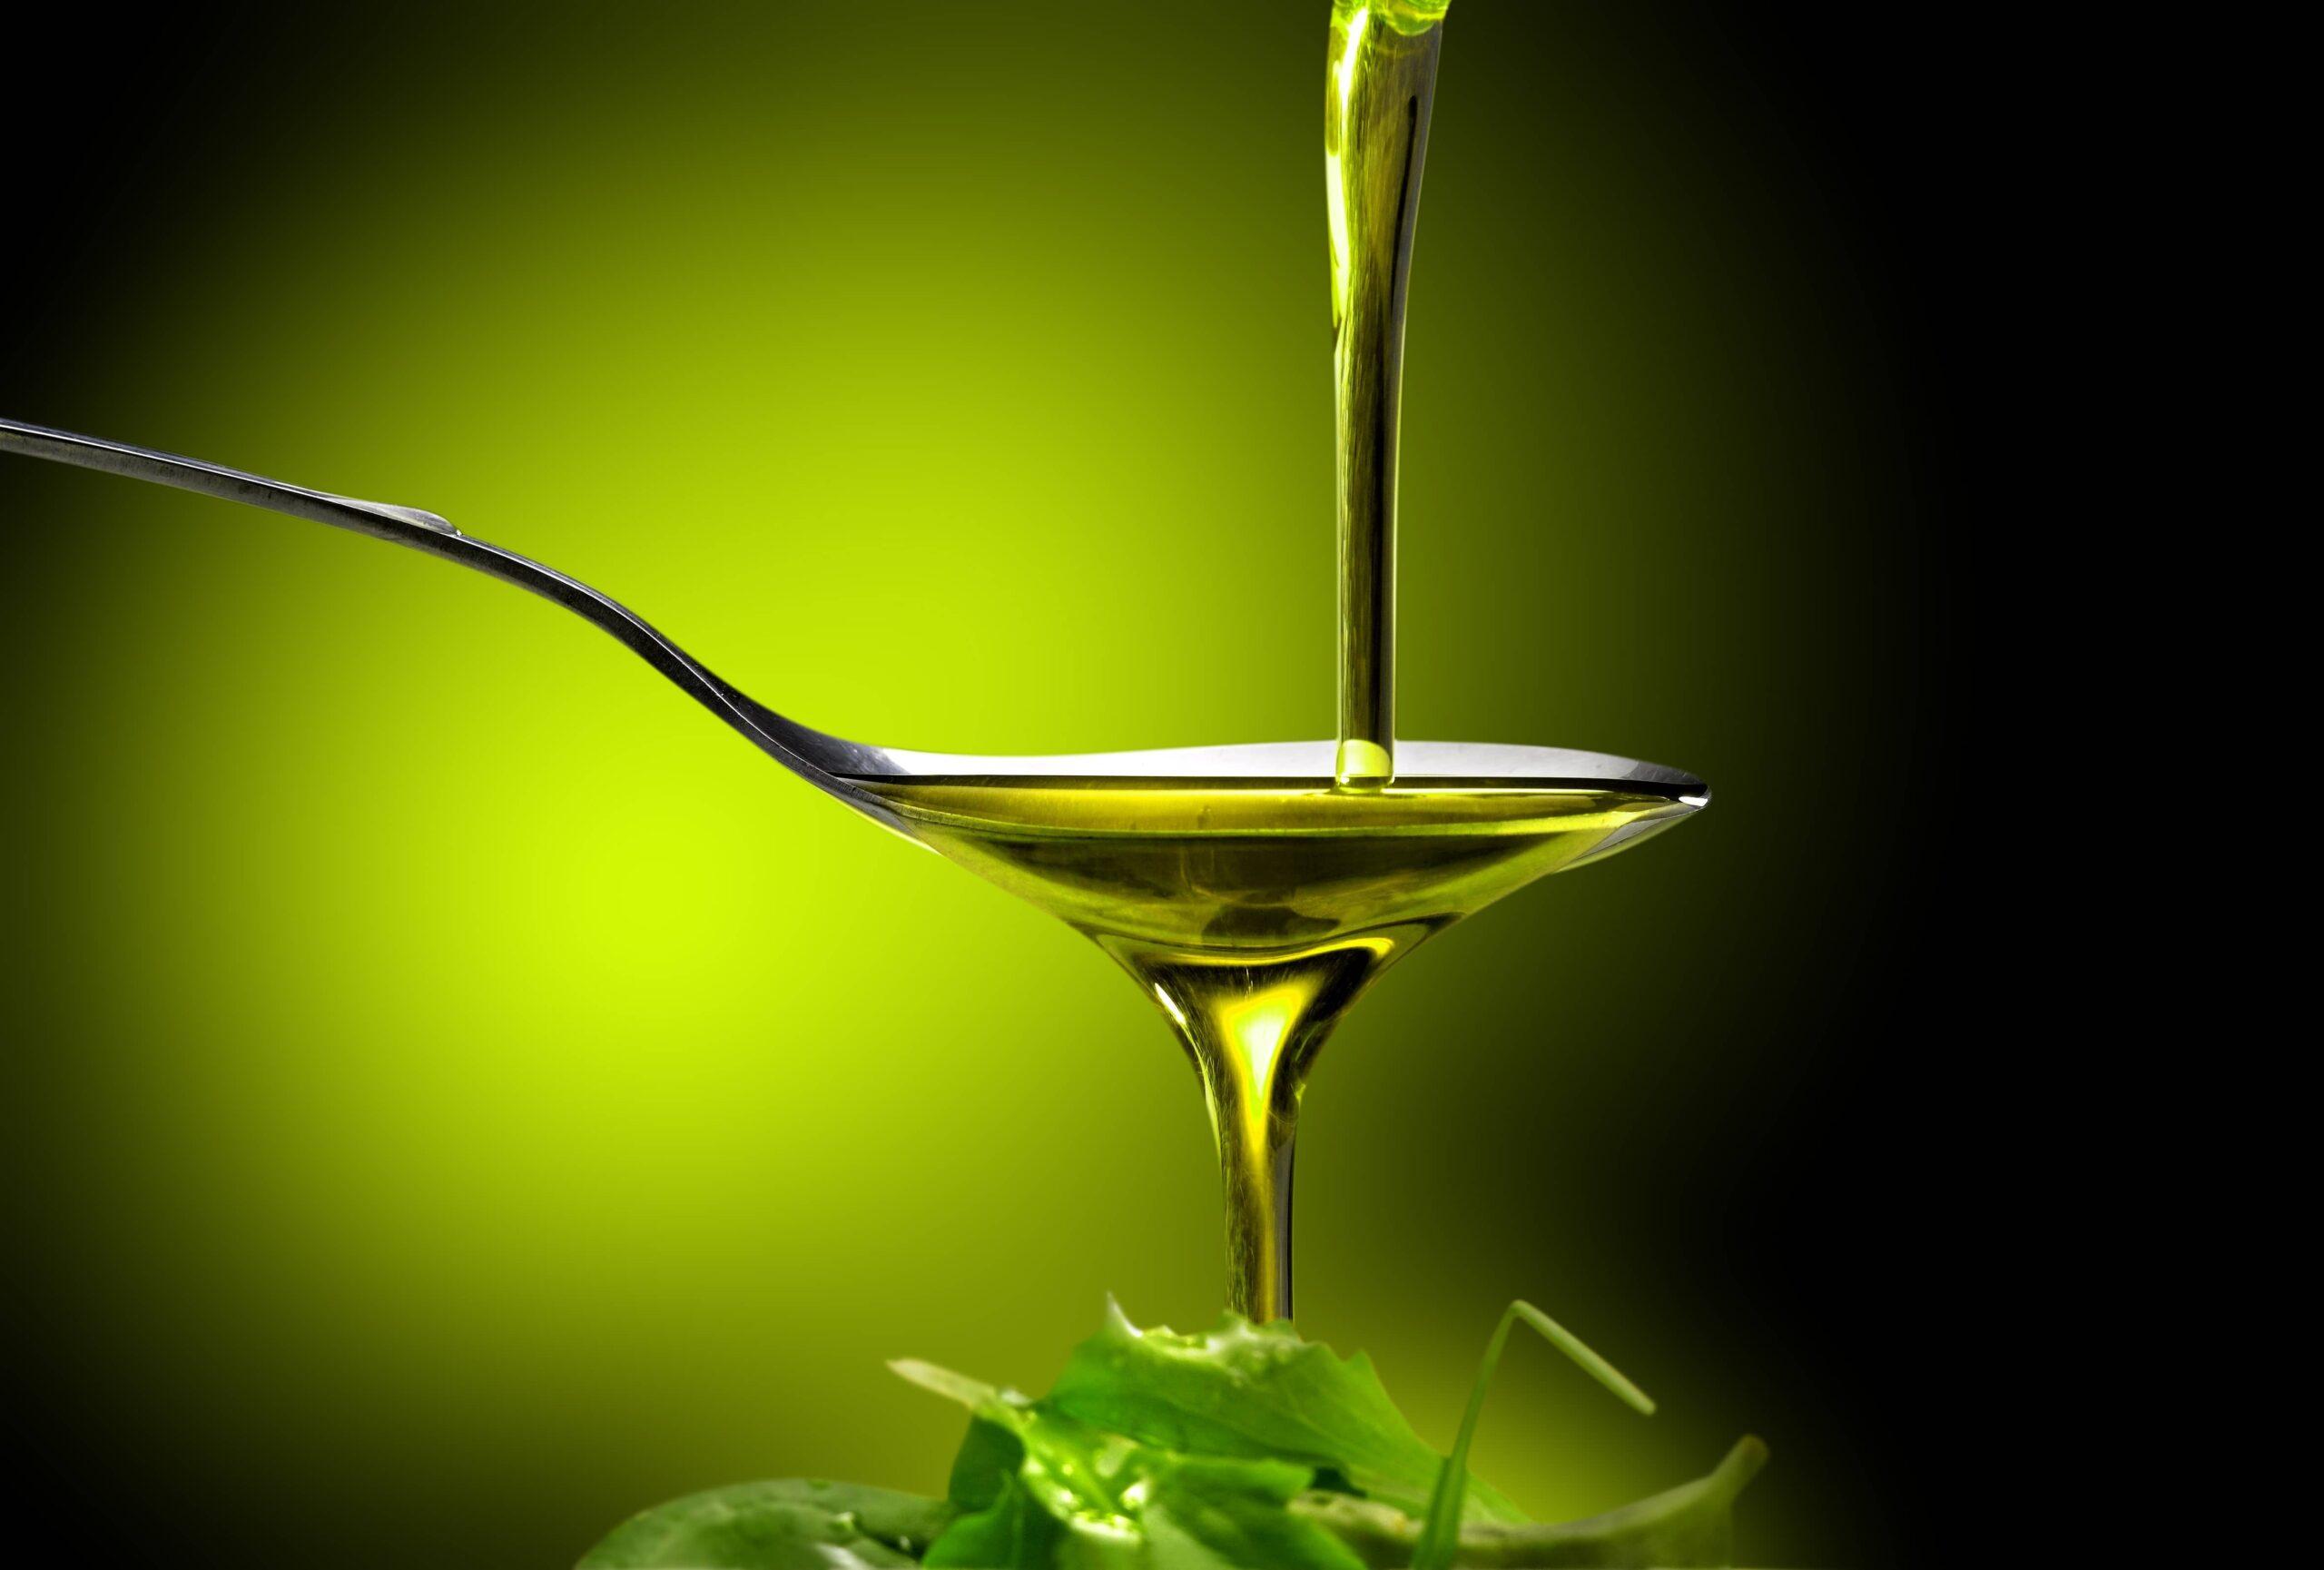 echando aceite verde